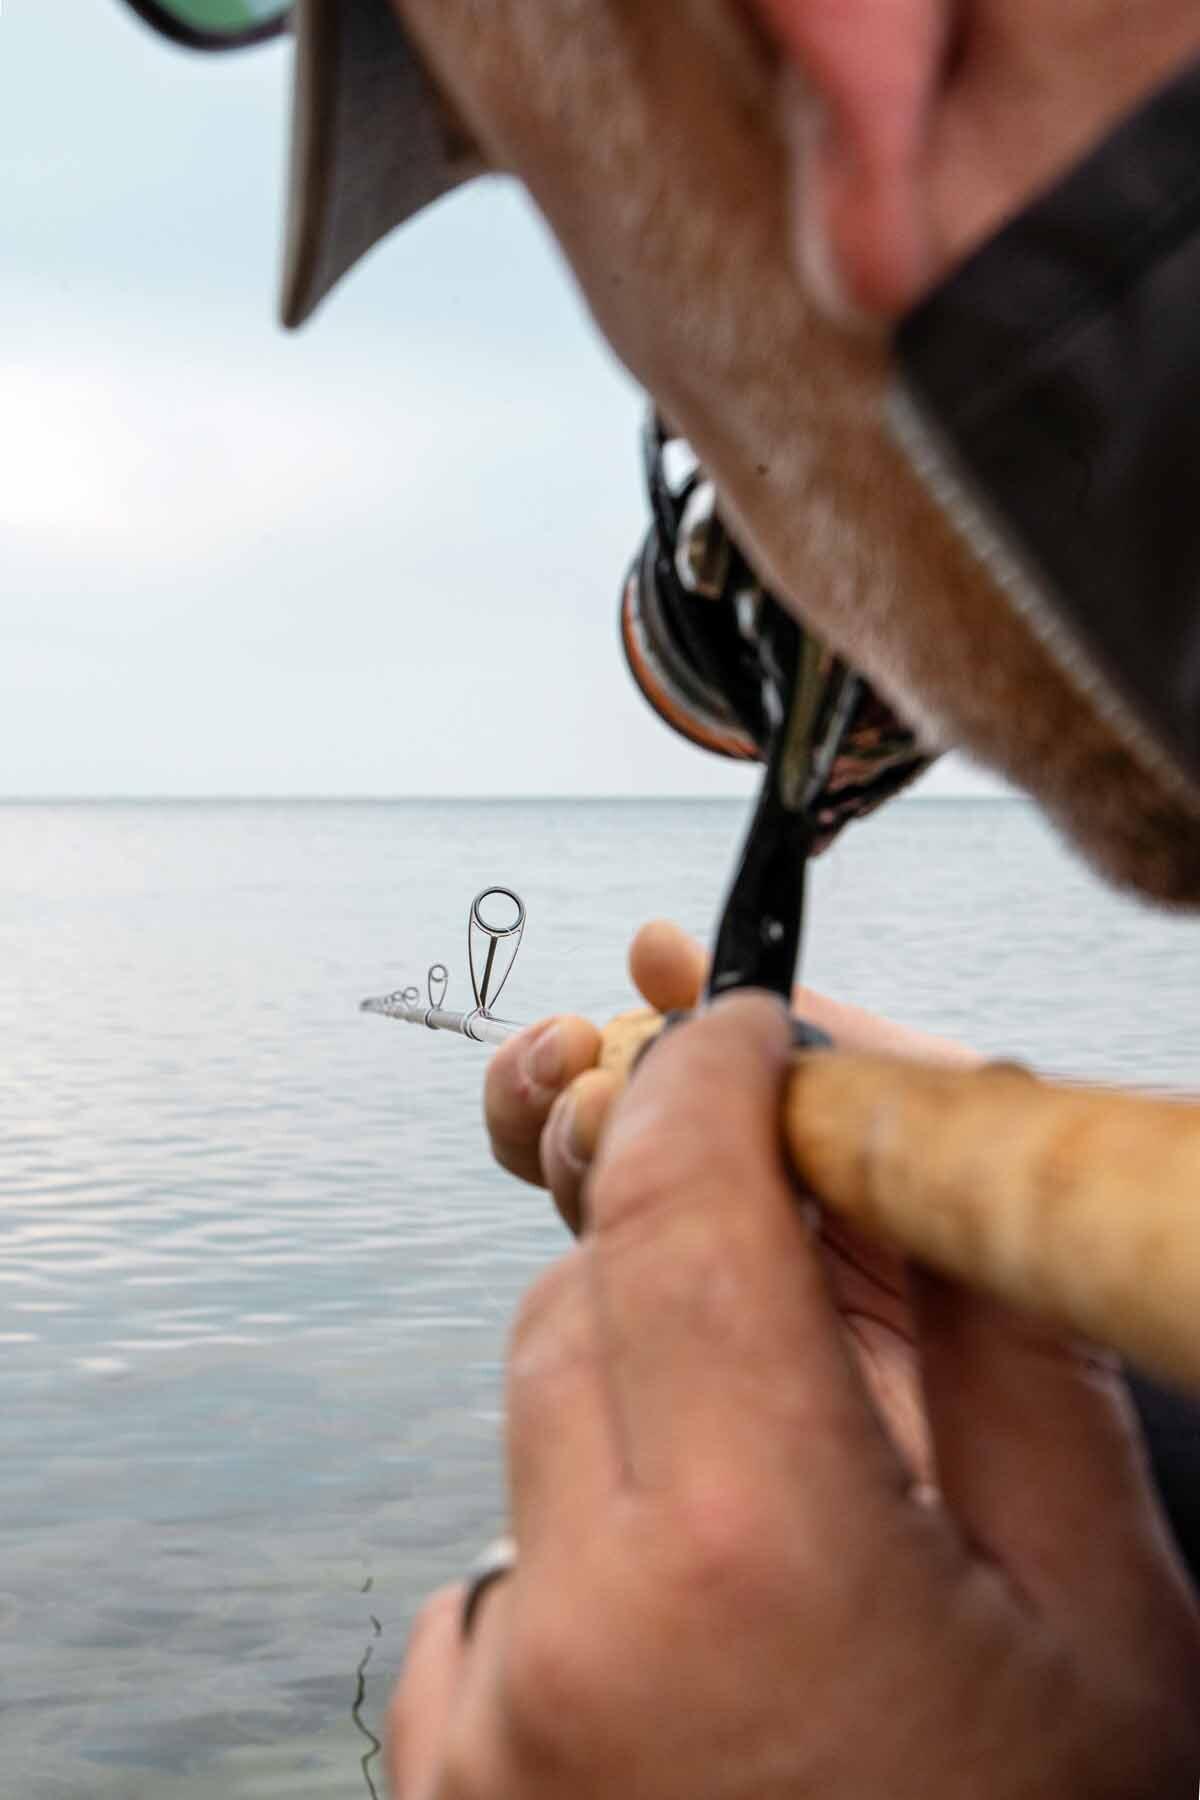 Ganz kleine Seaguide-Ringe wurden verbaut. Michael dachte anfangs, dass sich die nasse Schnur deshalb an den Blank kleben könnte – tut sie aber nicht! Die leichten Ringe der Rhino TECoast kommen dem geringen Rutengewicht zugute. Foto: F. Pippardt